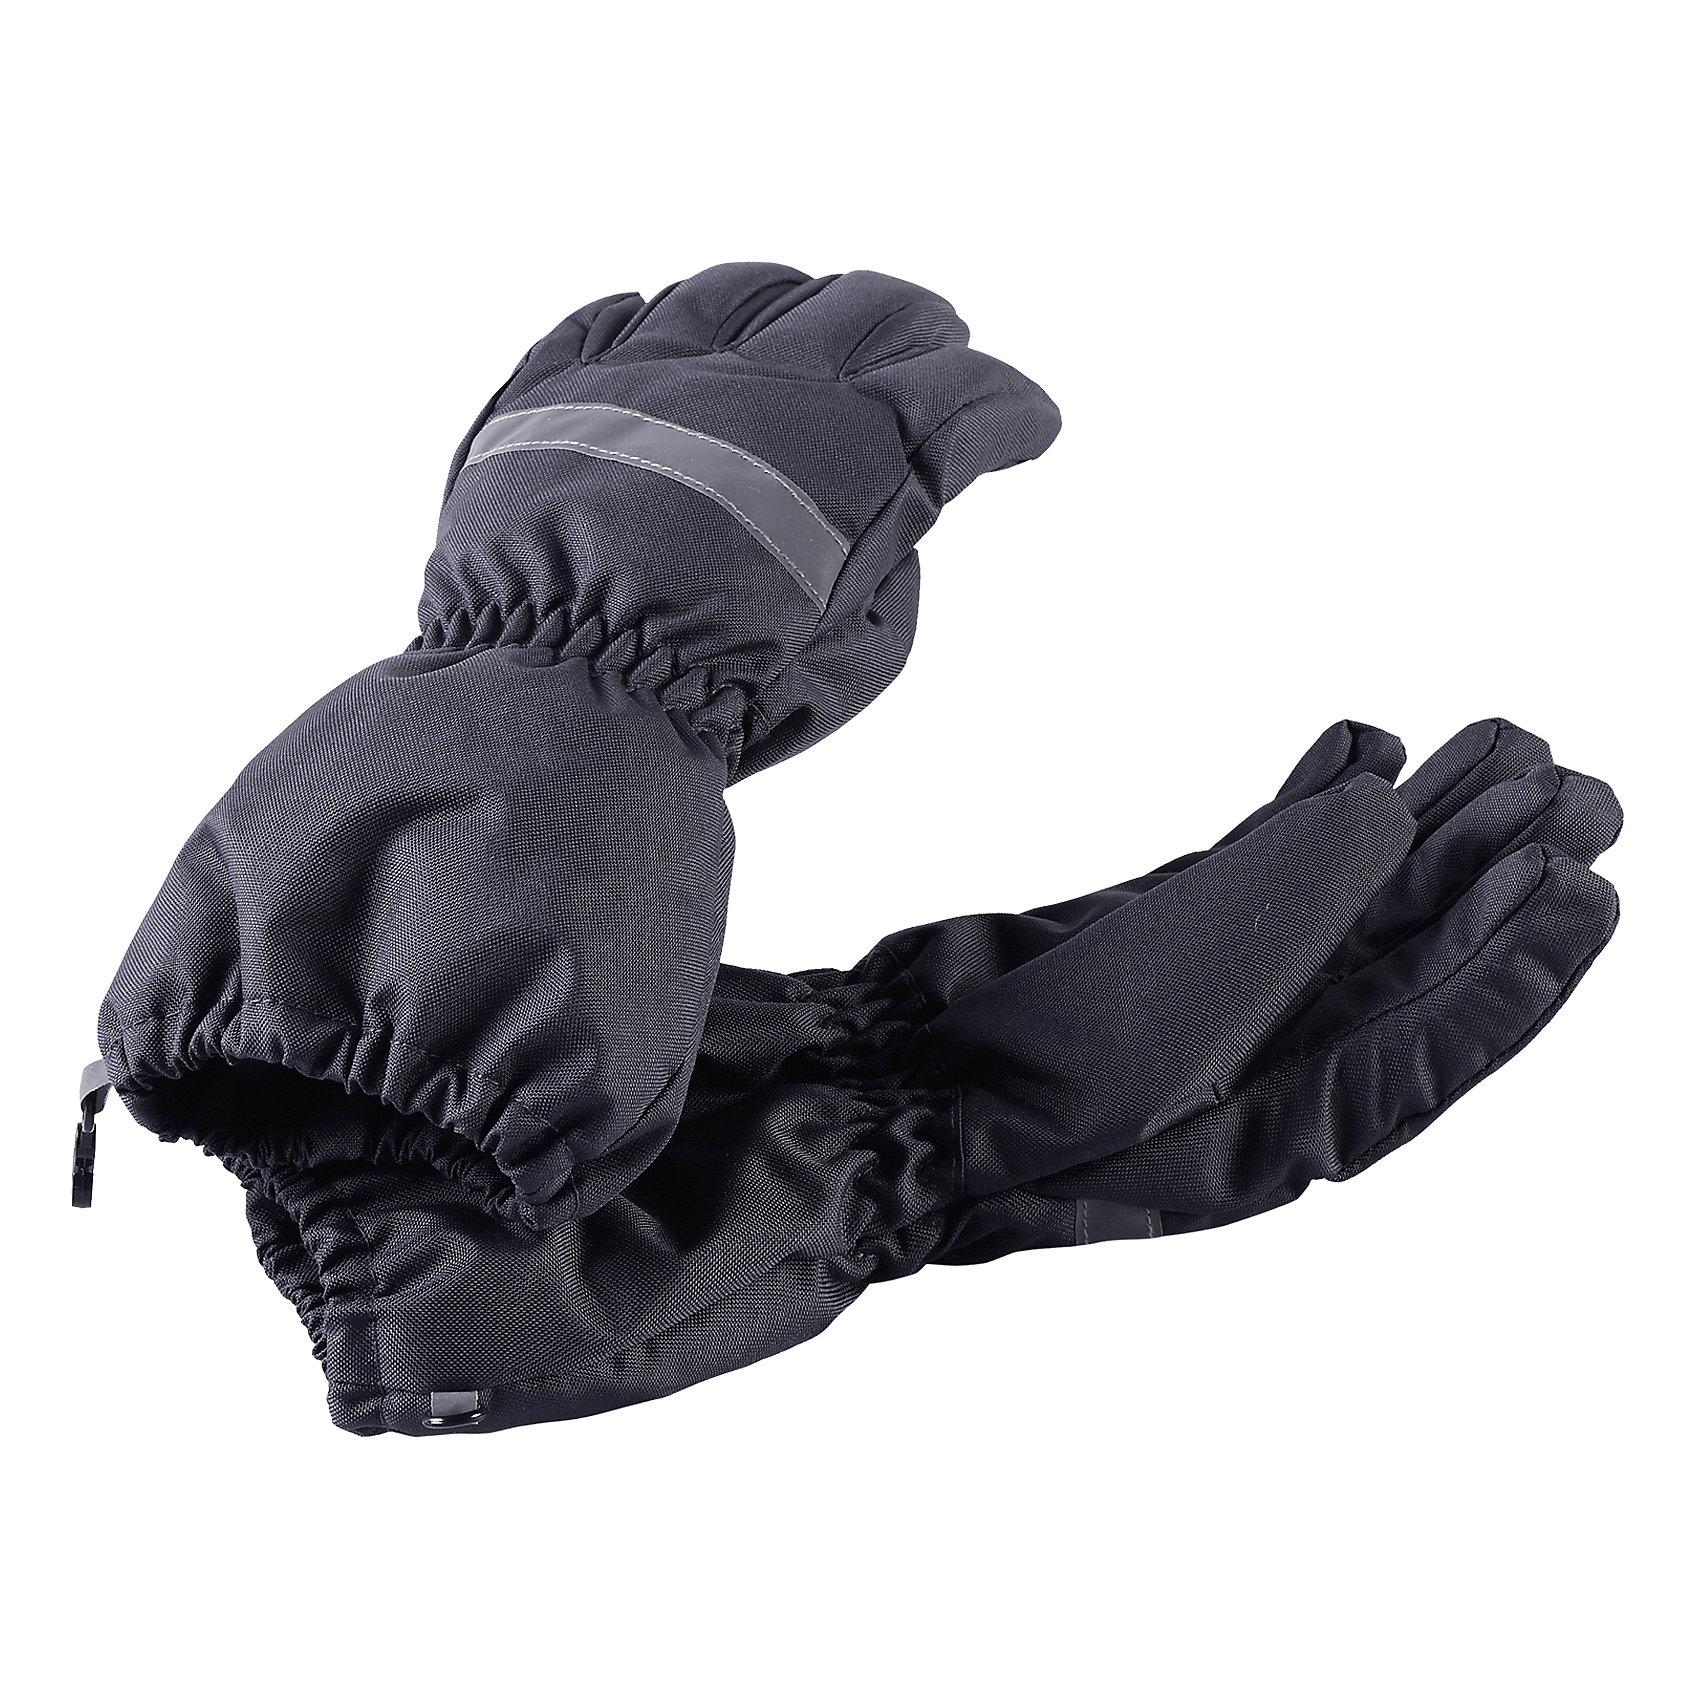 Перчатки LassieПерчатки и варежки<br>Зима – время снежных забав! Эти детские перчатки созданы, чтобы ручки оставались теплыми и сухими во время активных зимних прогулок. Они изготовлены из сверхпрочного материала с гладкой трикотажной подкладкой внутри. <br>Состав:<br>100% Полиэстер<br><br>Ширина мм: 162<br>Глубина мм: 171<br>Высота мм: 55<br>Вес г: 119<br>Цвет: серый<br>Возраст от месяцев: 96<br>Возраст до месяцев: 120<br>Пол: Унисекс<br>Возраст: Детский<br>Размер: 3,4,5,6<br>SKU: 6928061